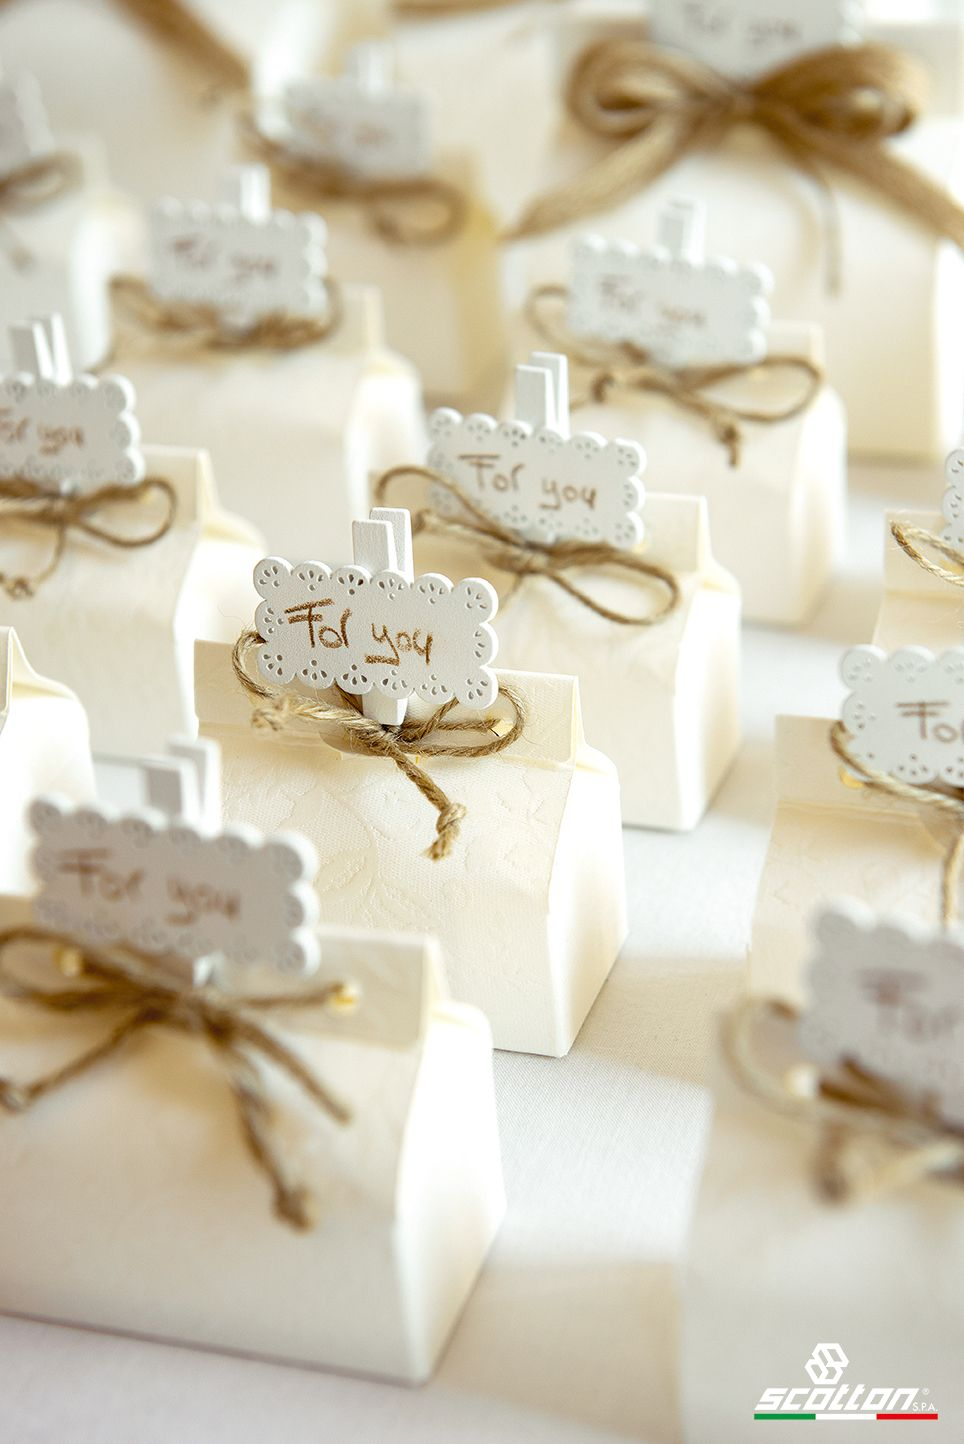 Bomboniere Per Matrimonio.Scatole In Cartone Bianco Idea Bomboniere Per Matrimonio Di